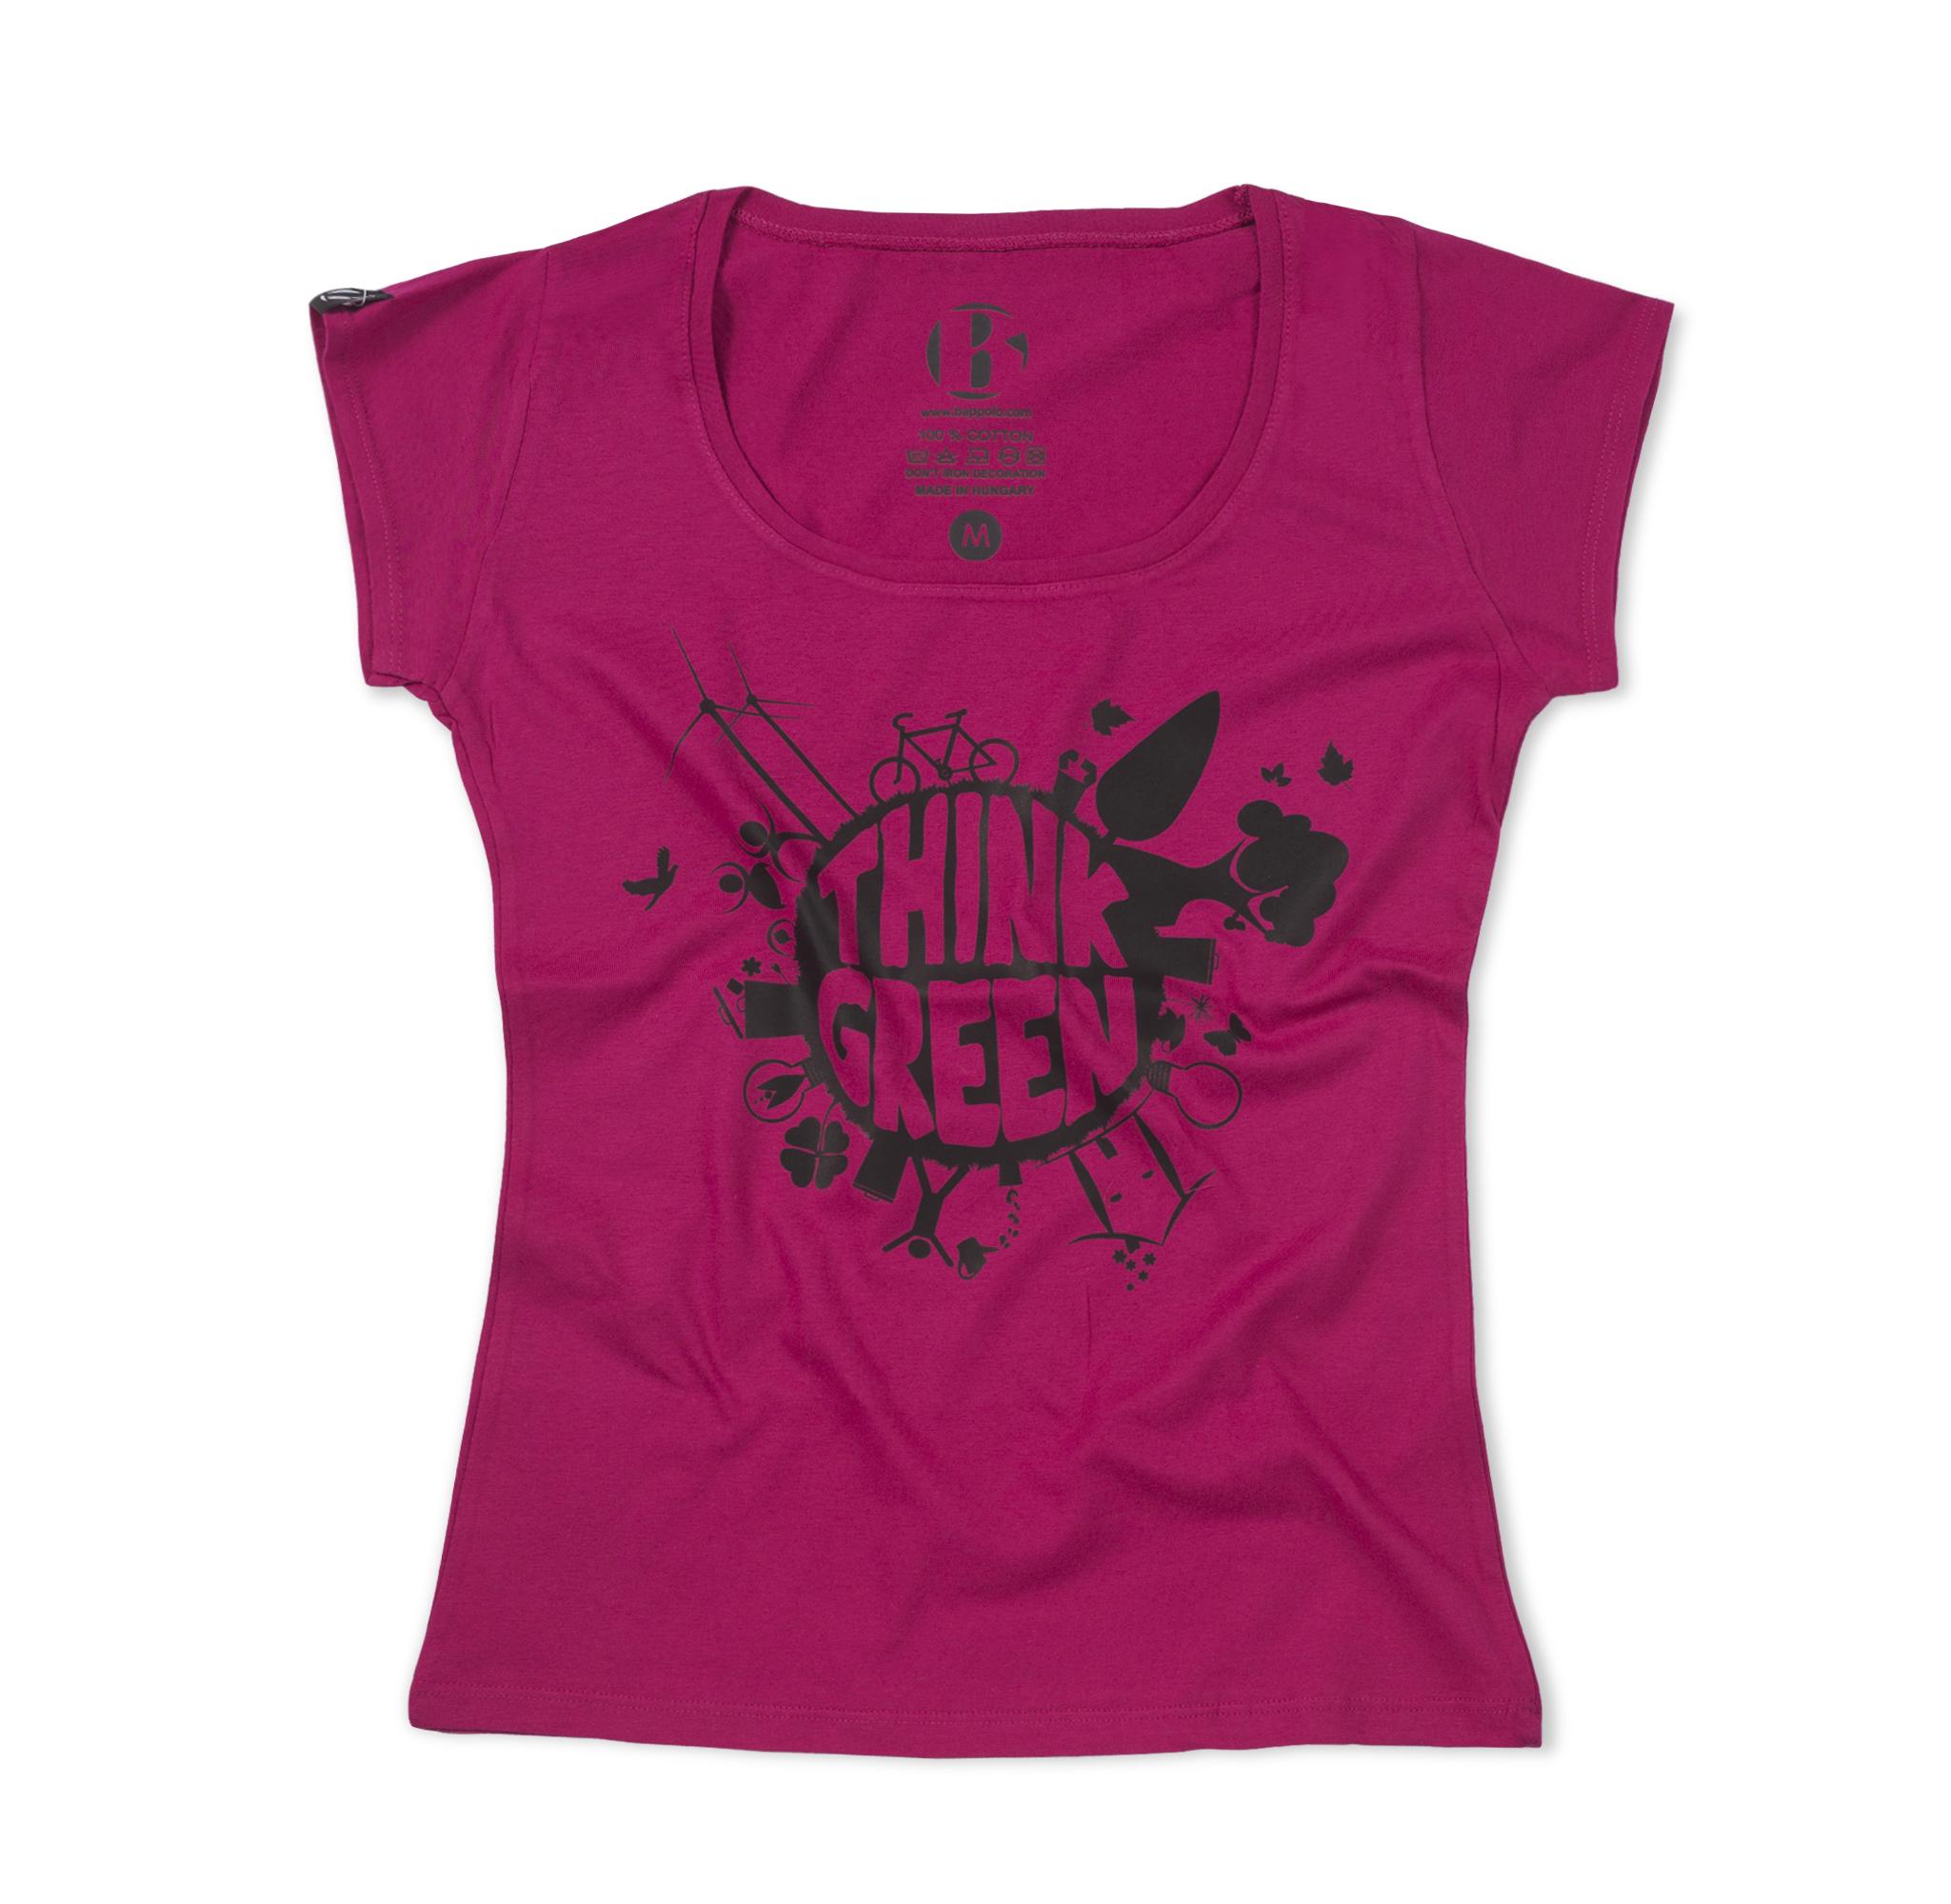 9a6691eca8 Bap Think Green női rövid újjú póló - Női ruházat - Női póló és blúz ...